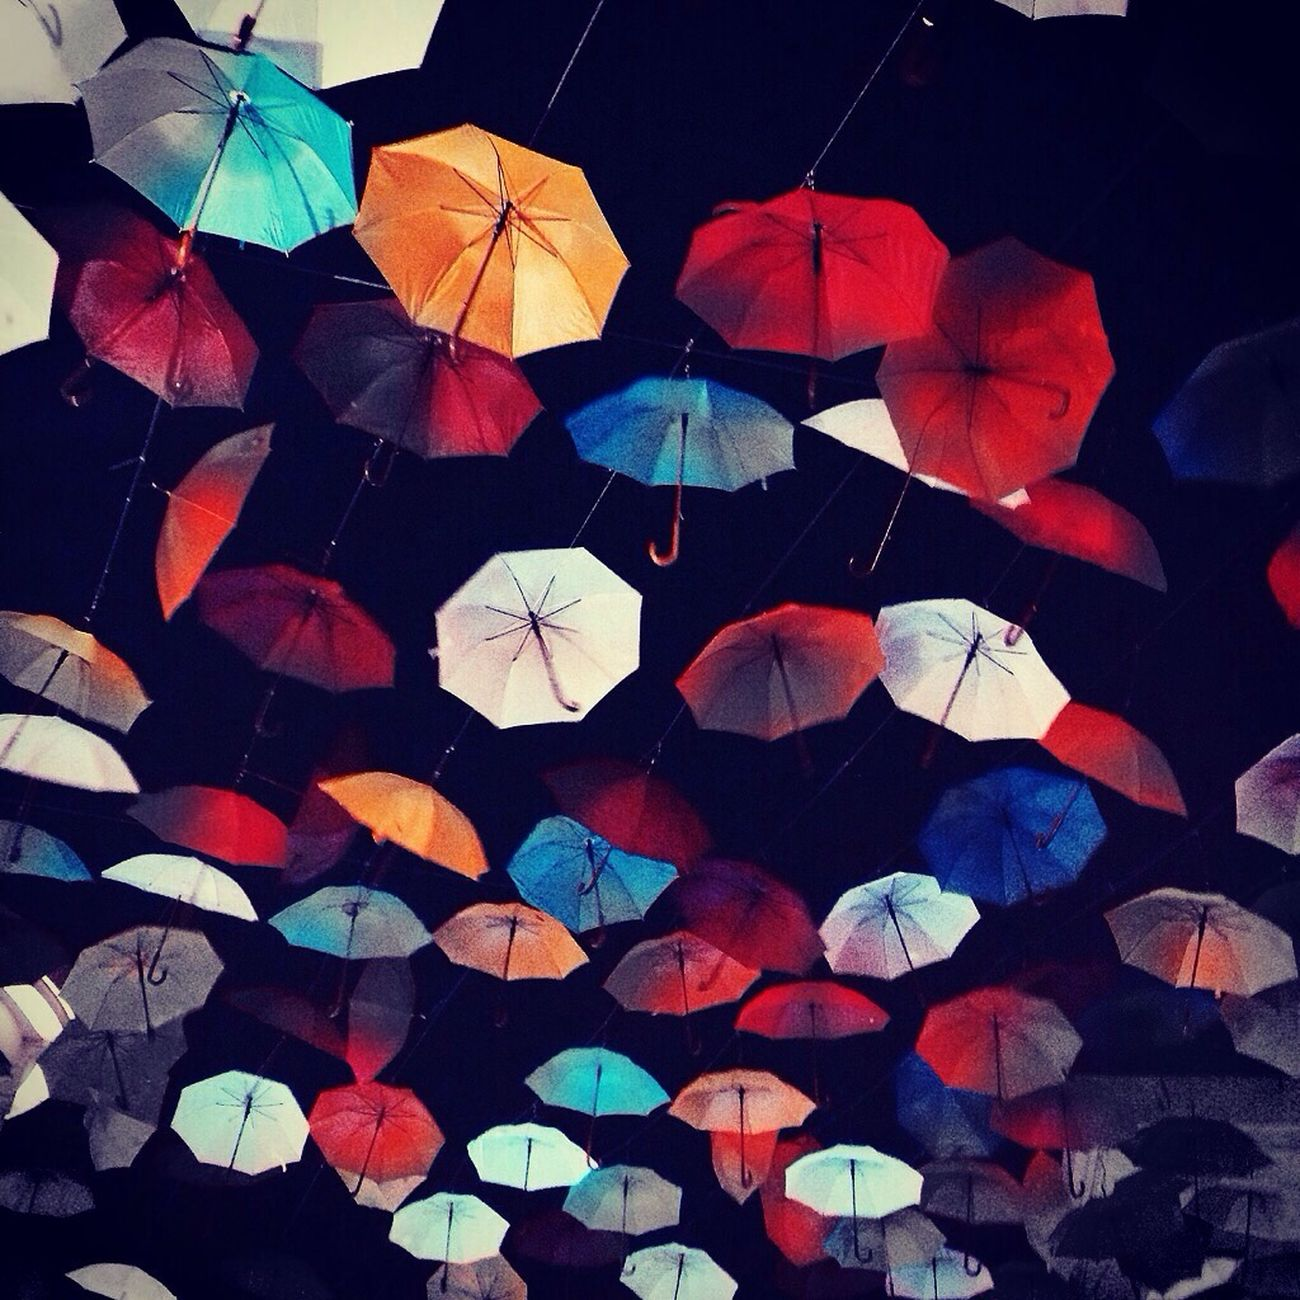 Vscocam VSCO Cam Umbrellasky Umbrellas